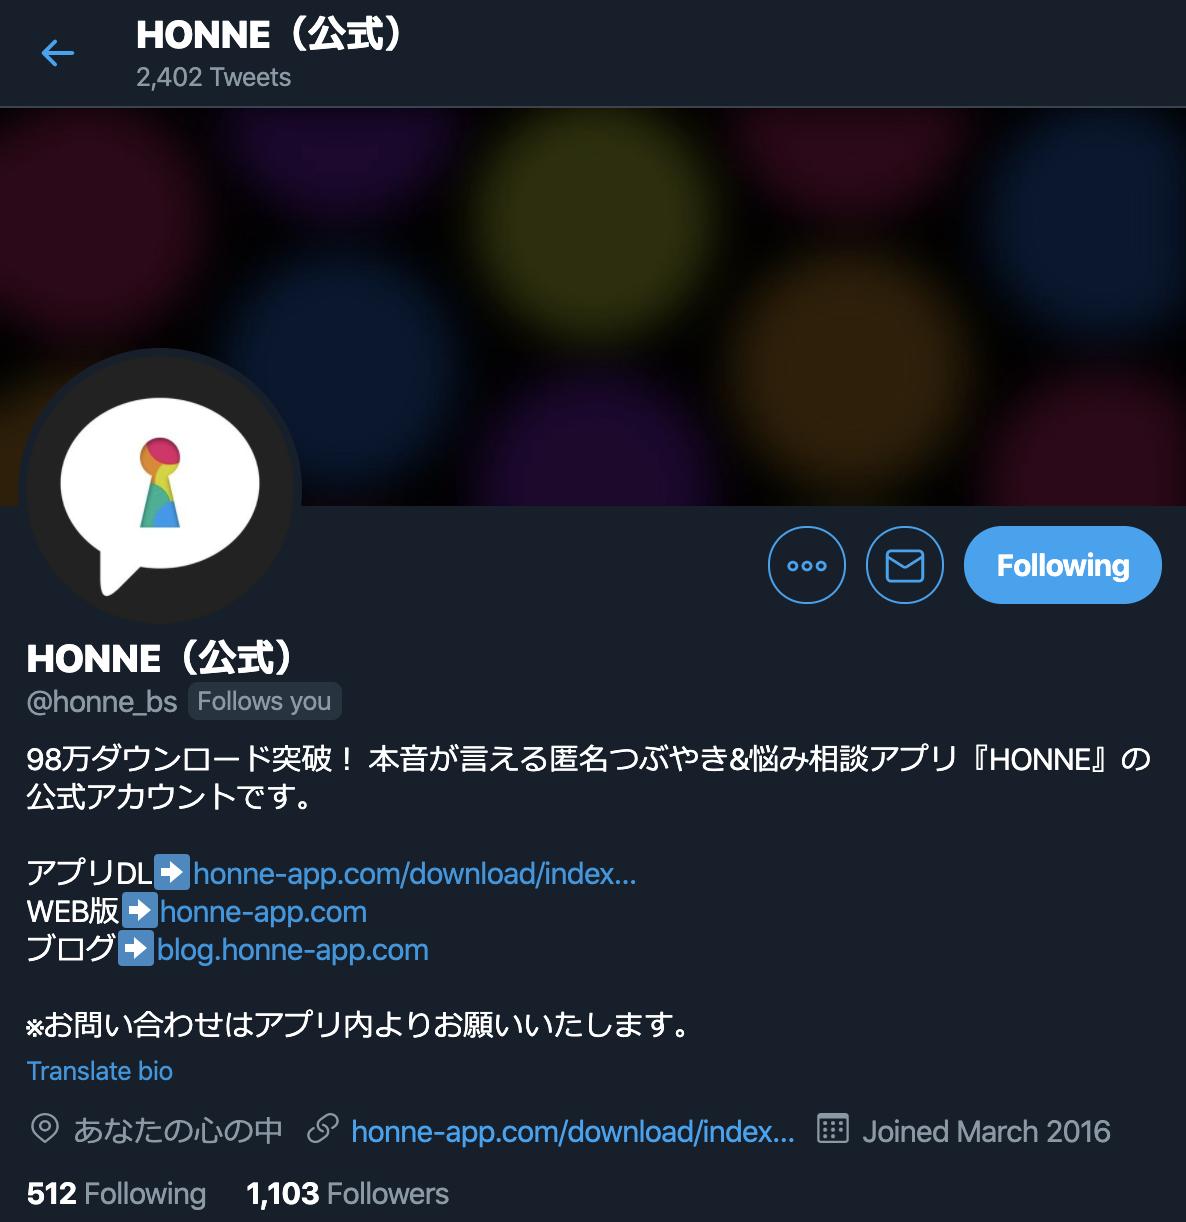 HONNE 公式Twitter画面